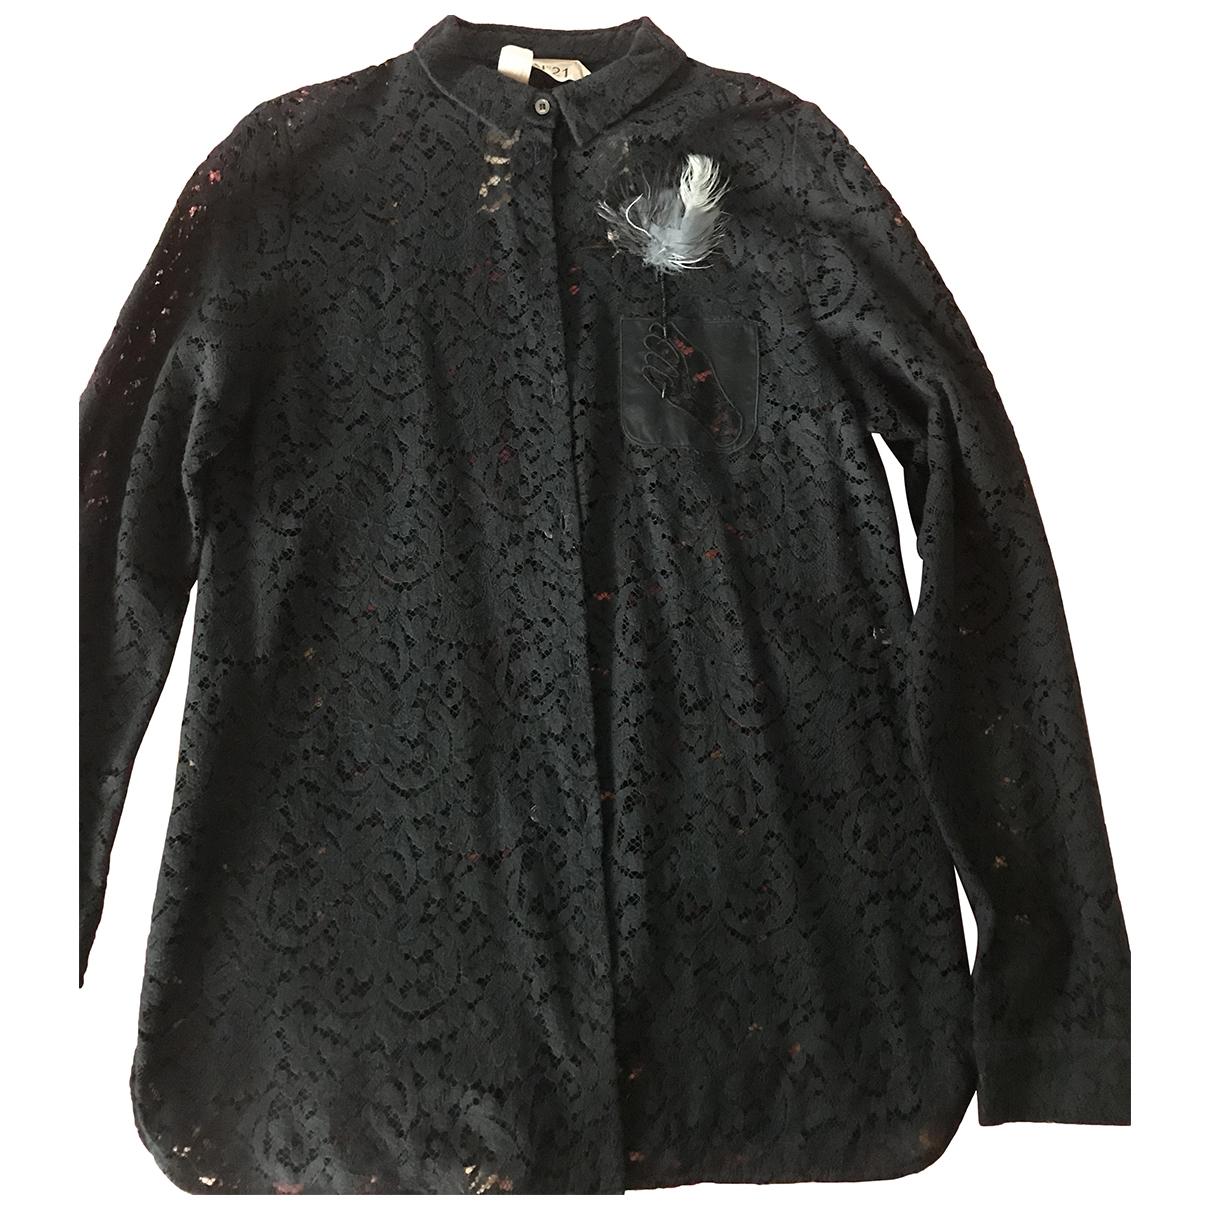 N°21 \N Black Lace  top for Women 42 IT